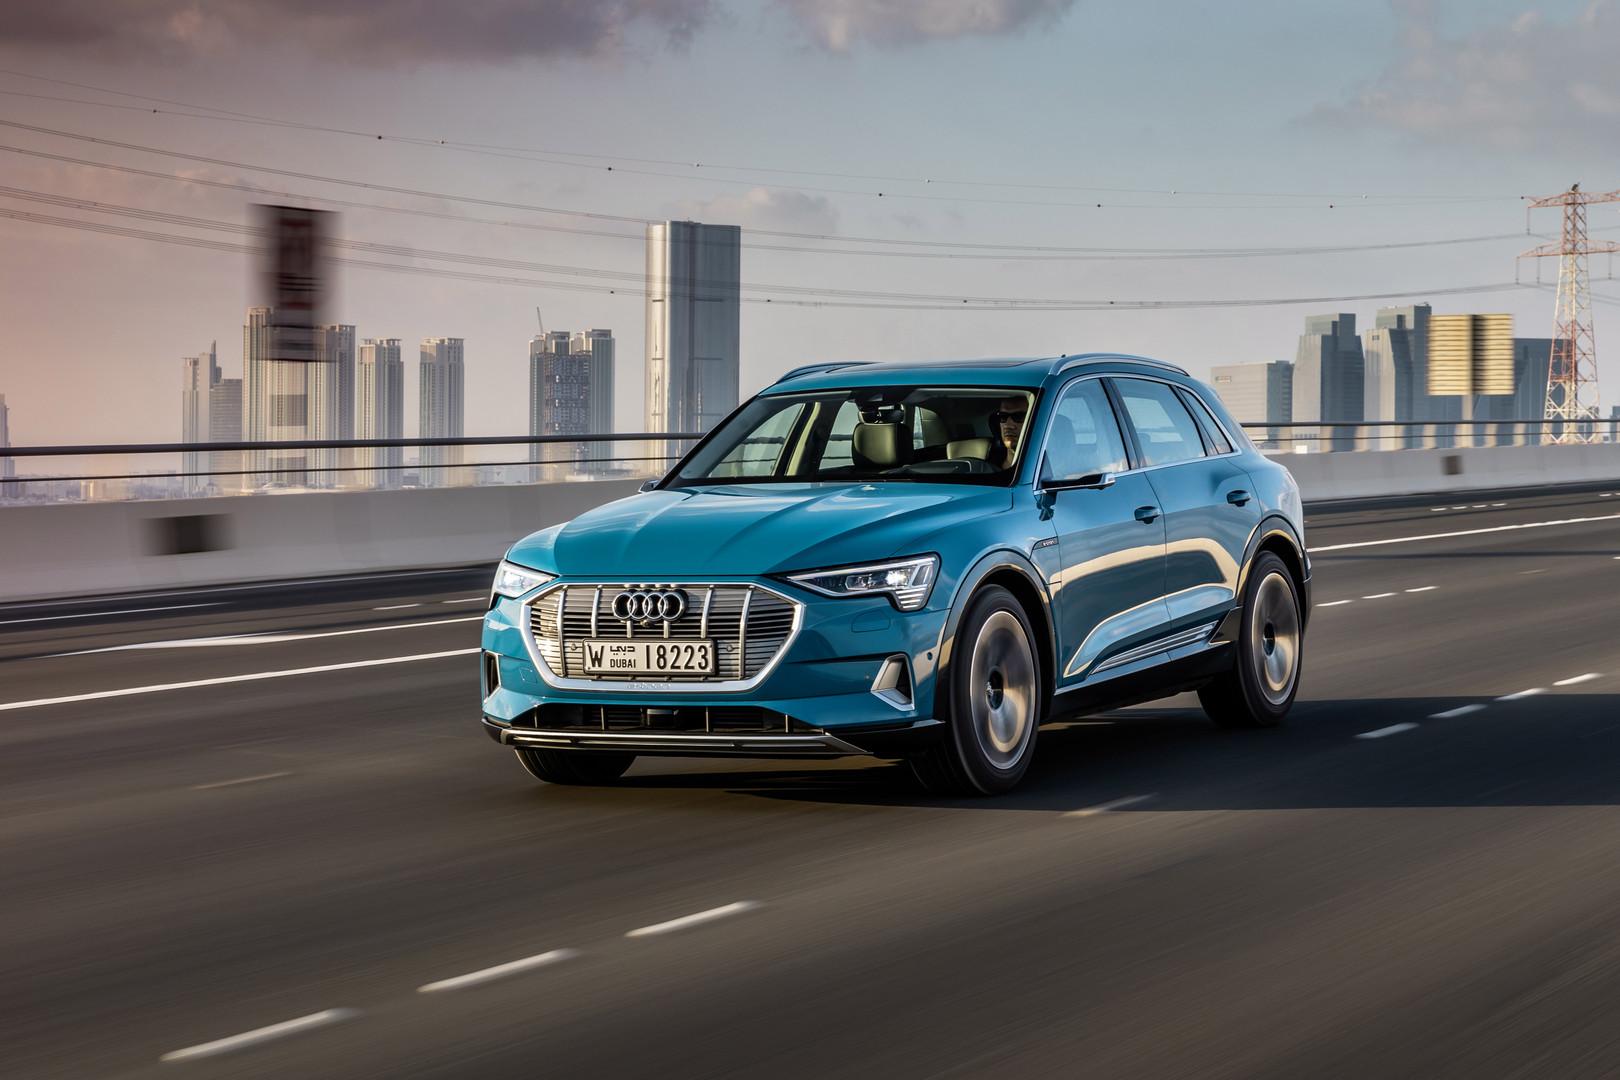 2019 Audi e-tron Review - GTspirit